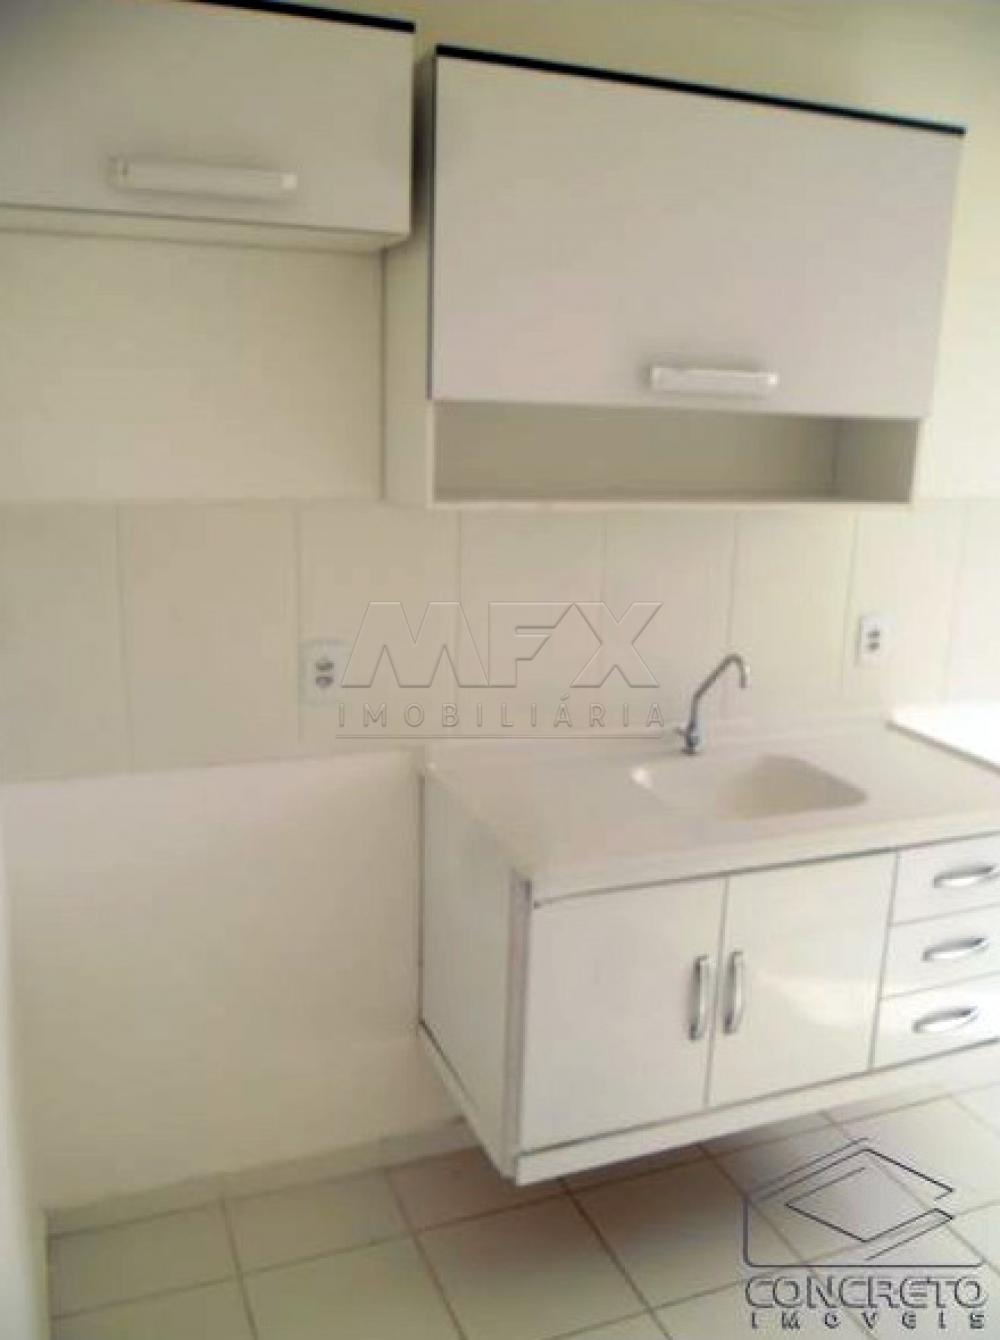 Comprar Apartamento / Padrão em Bauru R$ 150.000,00 - Foto 14